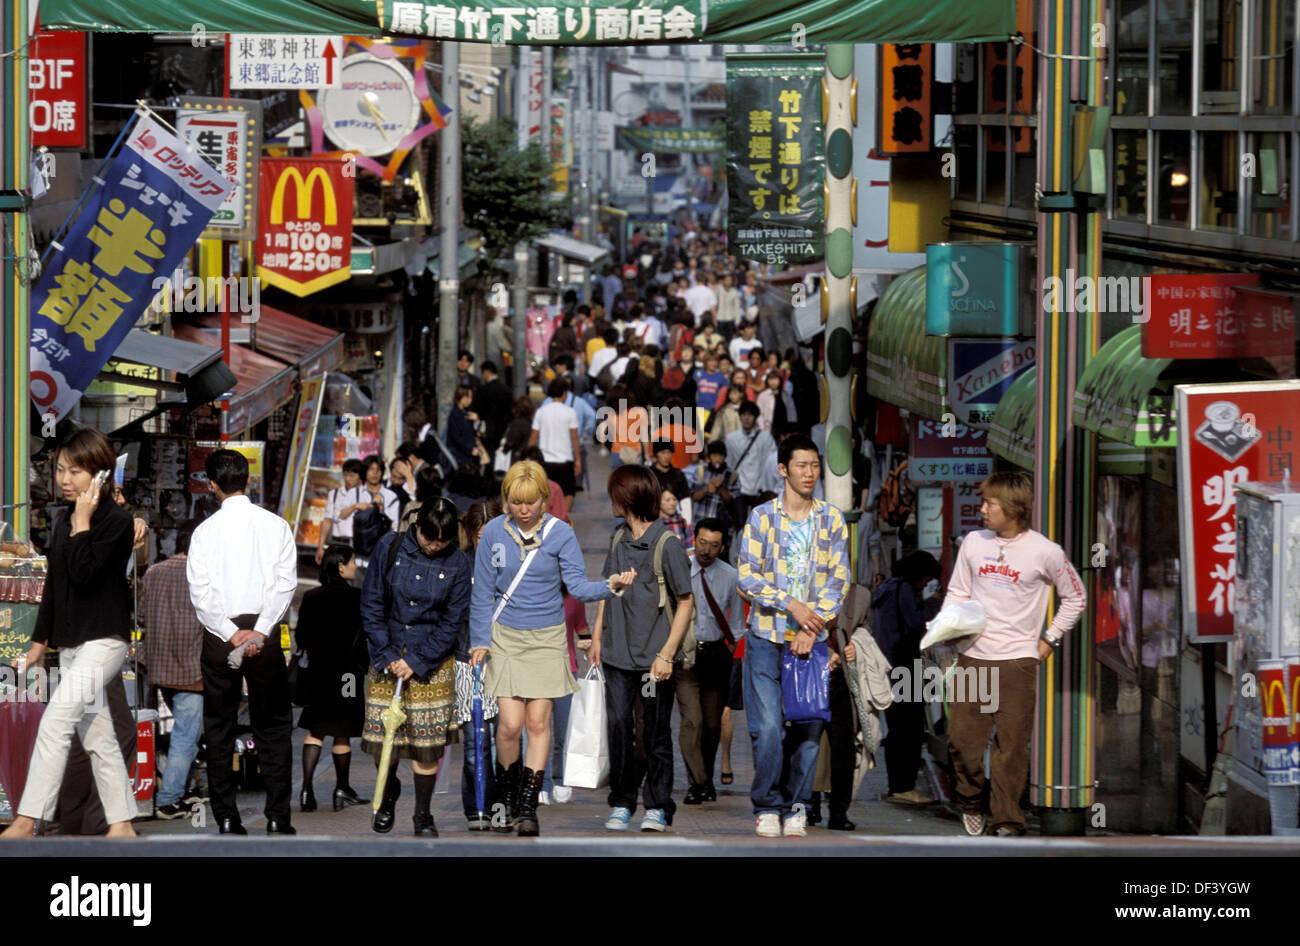 La culture de la jeunesse et de la mode Harajuku, Tokyo, Japon Photo Stock